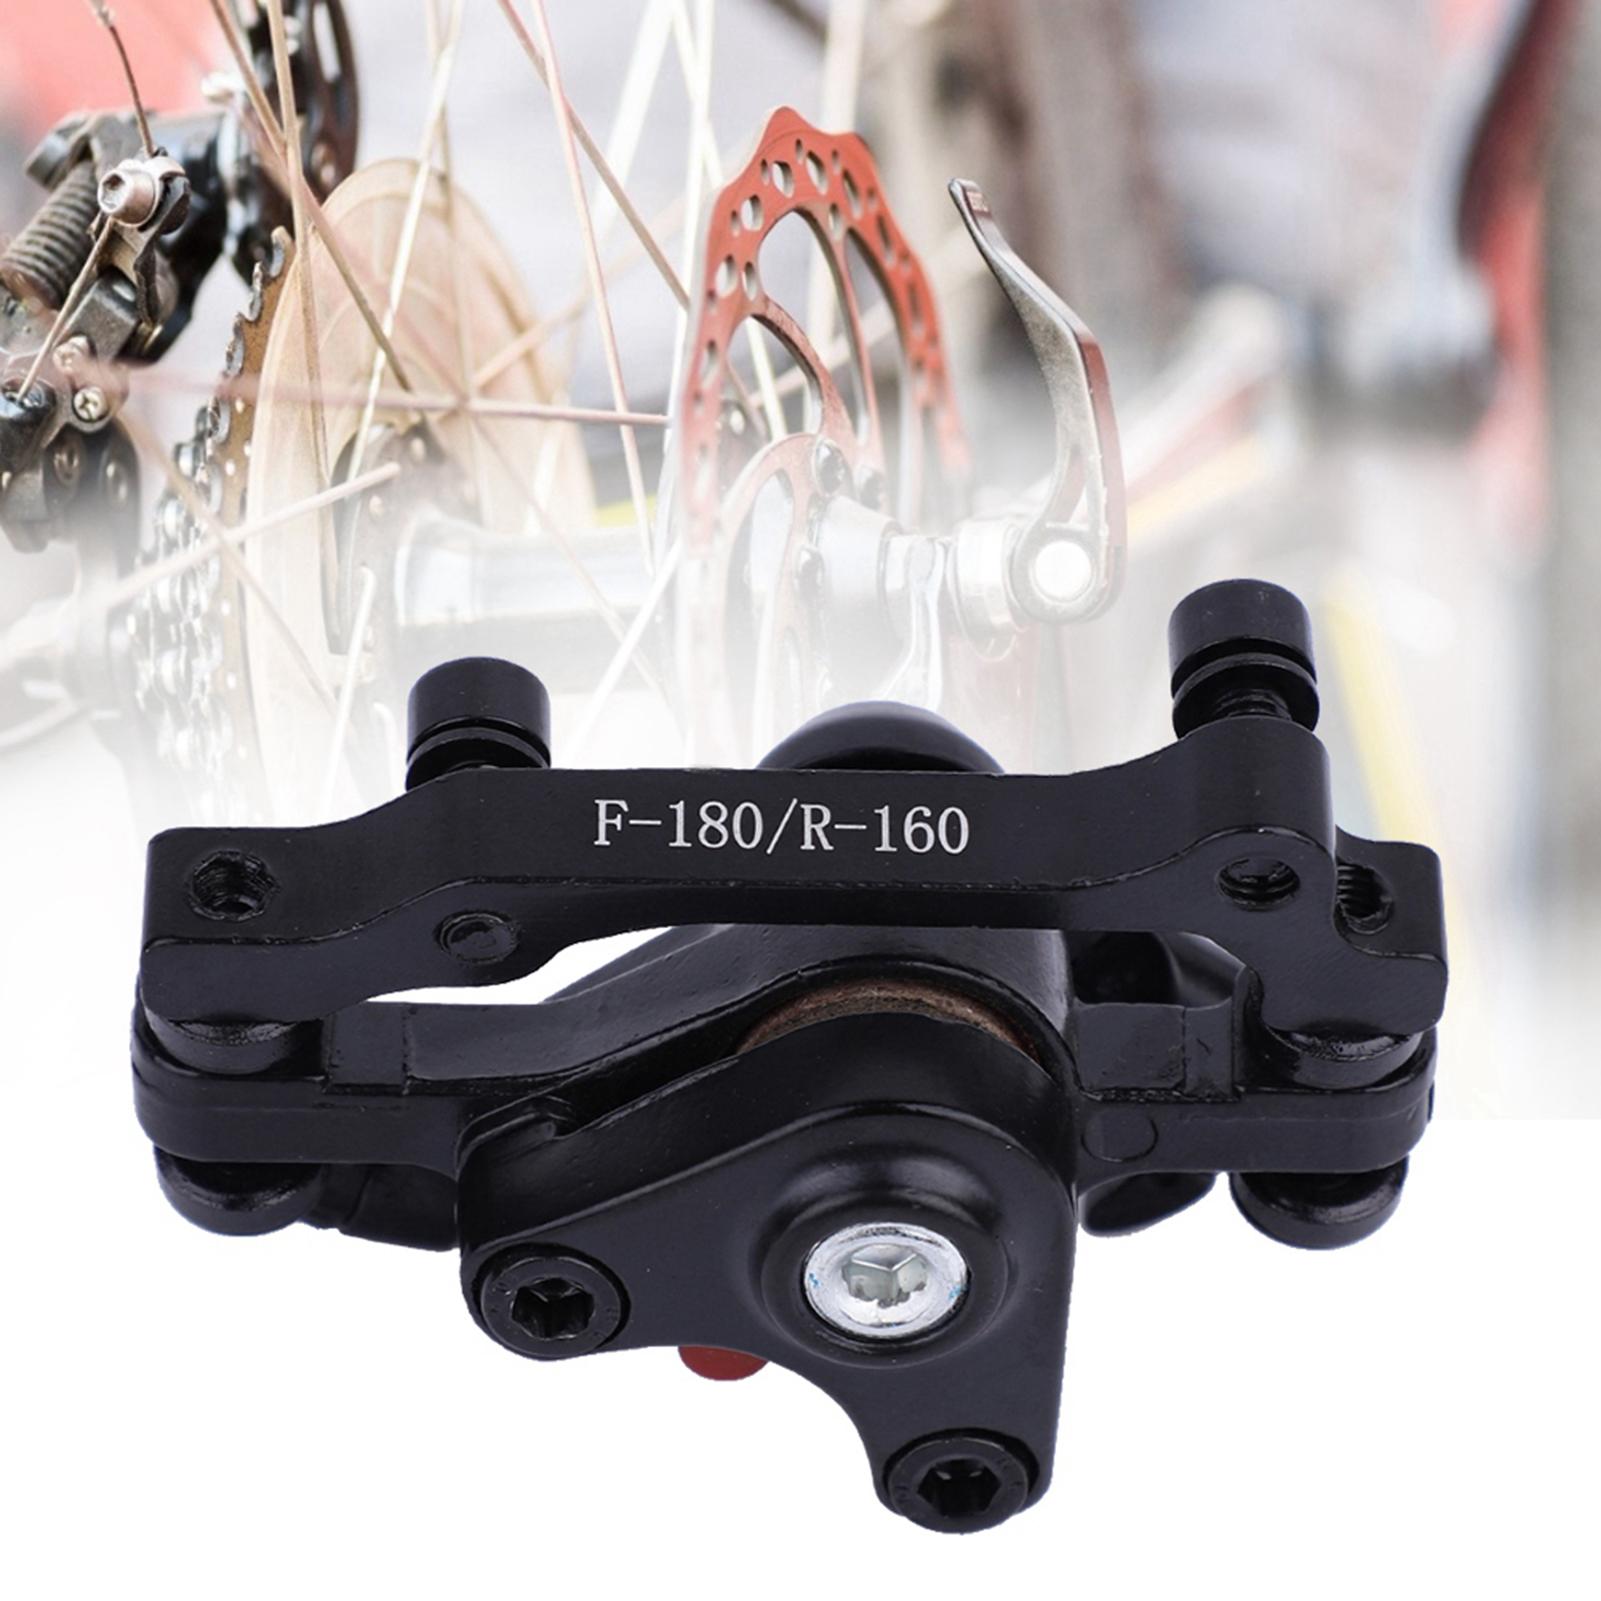 BB8-MTB-Mountain-Bicycle-Bike-Mechanical-Front-Rear-Disc-Brake-Caliper-Kit-1-PCS thumbnail 15